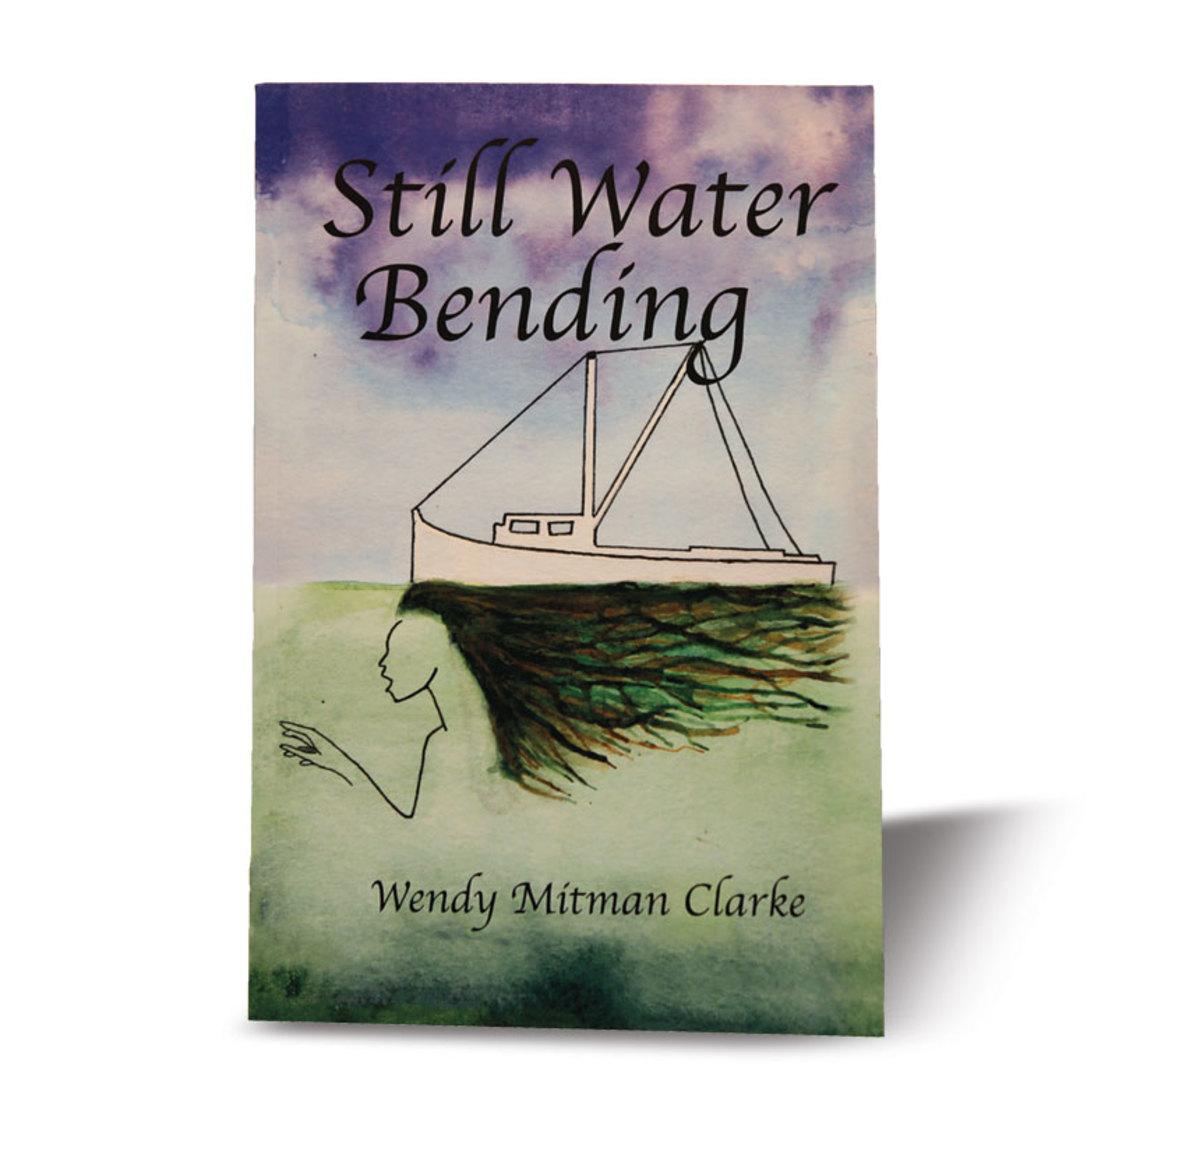 stillwater-bending-wendy-mitman-clarke